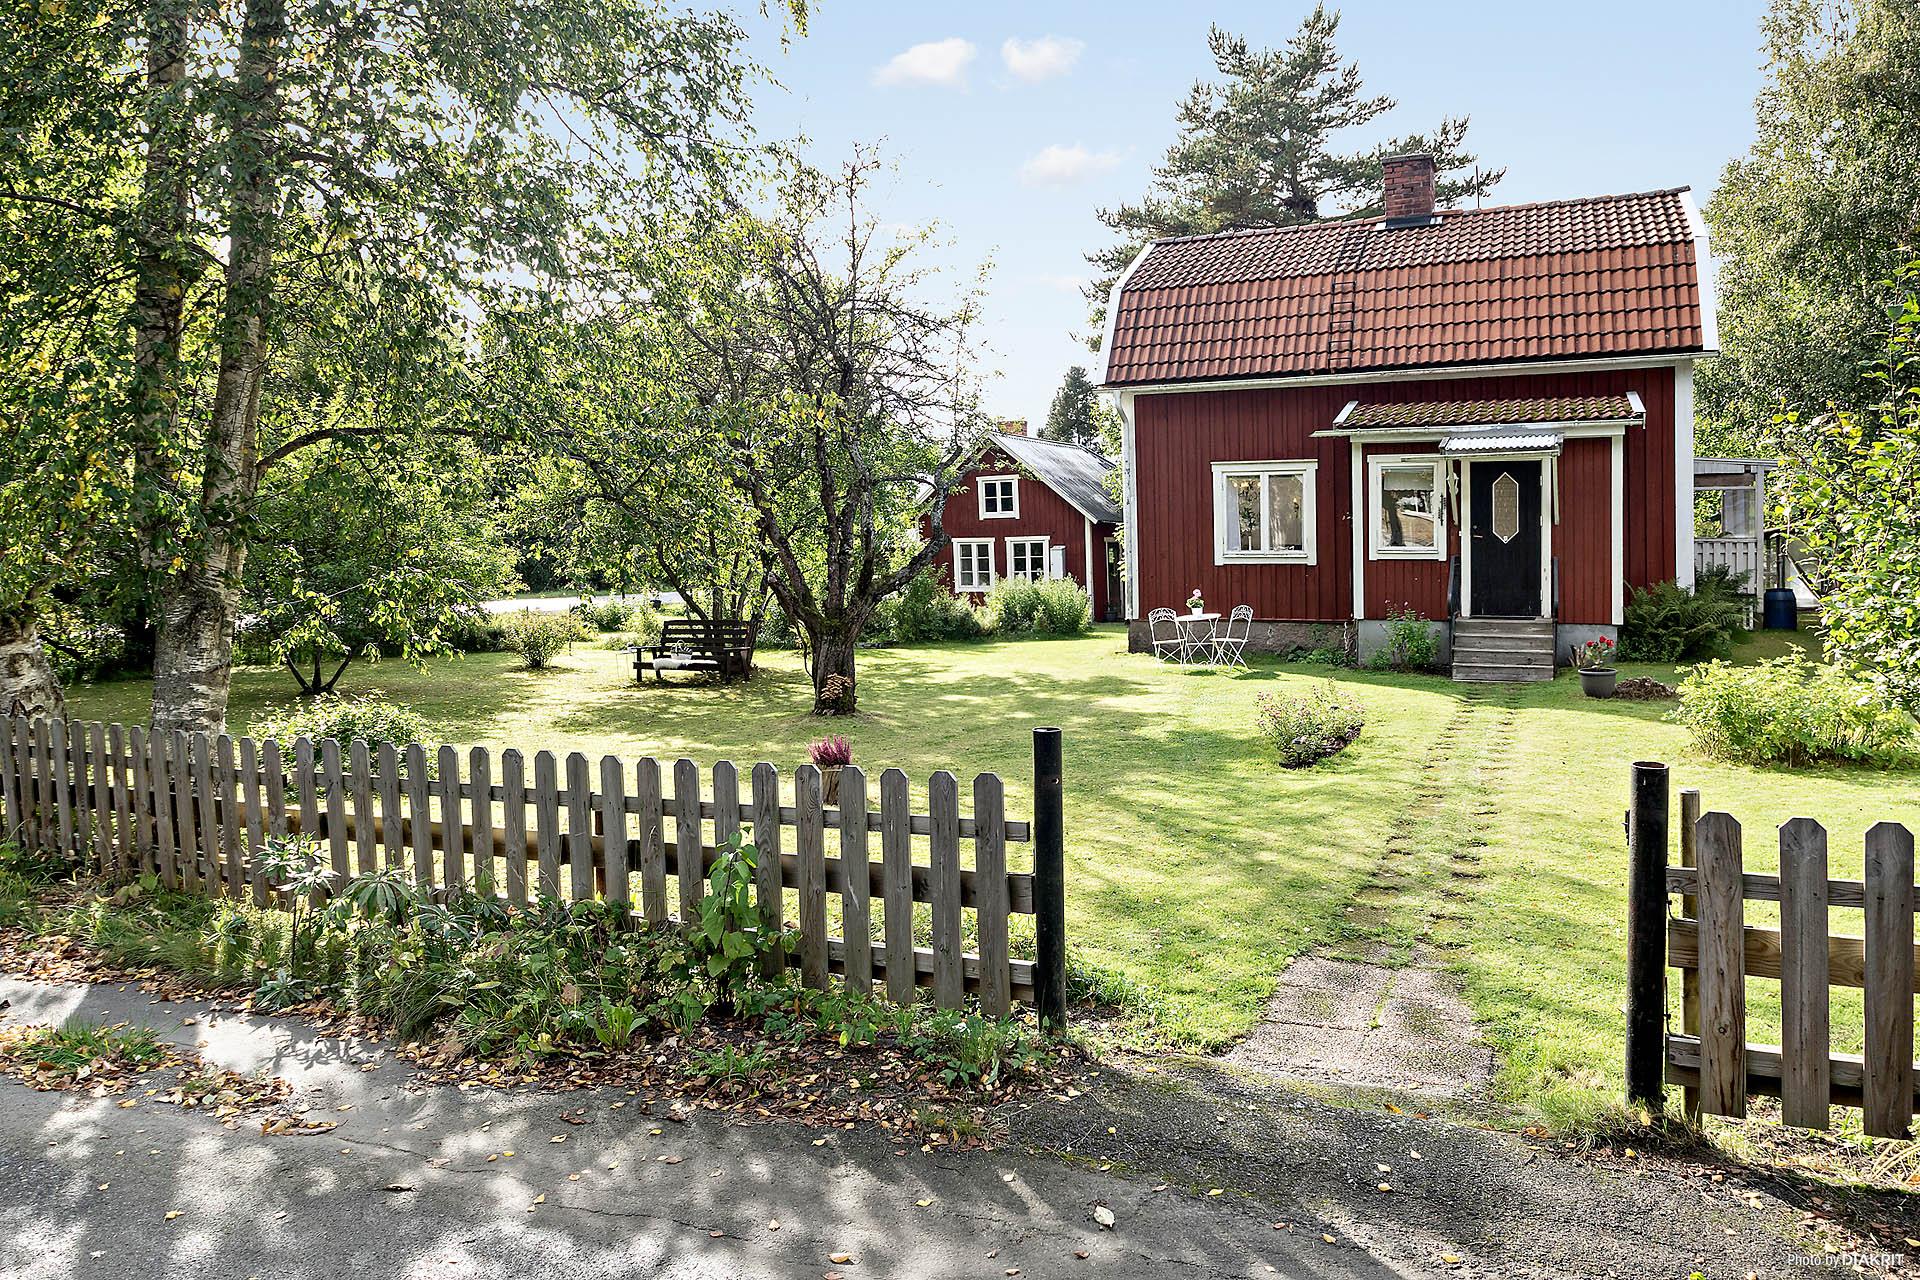 Varmt välkommen till Ekstigen i Solberga!